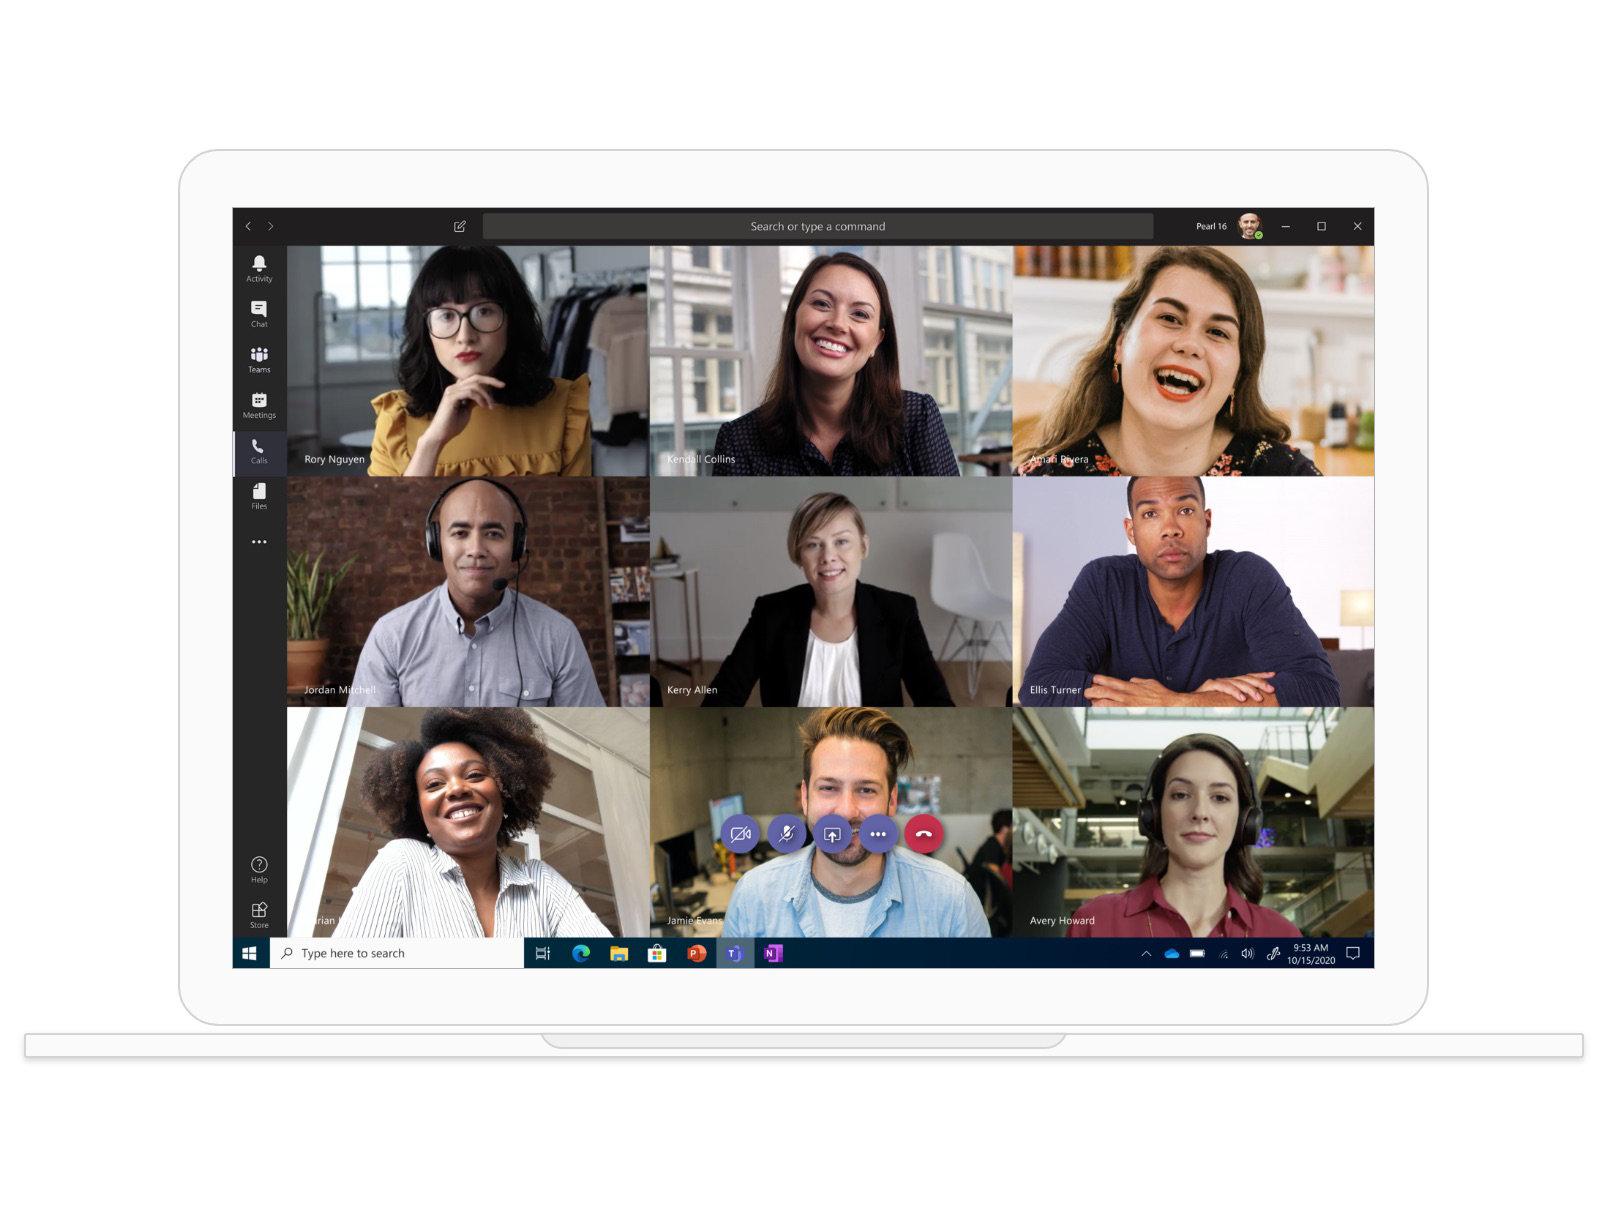 Appel vidéo sur Teams impliquant neuf participants.